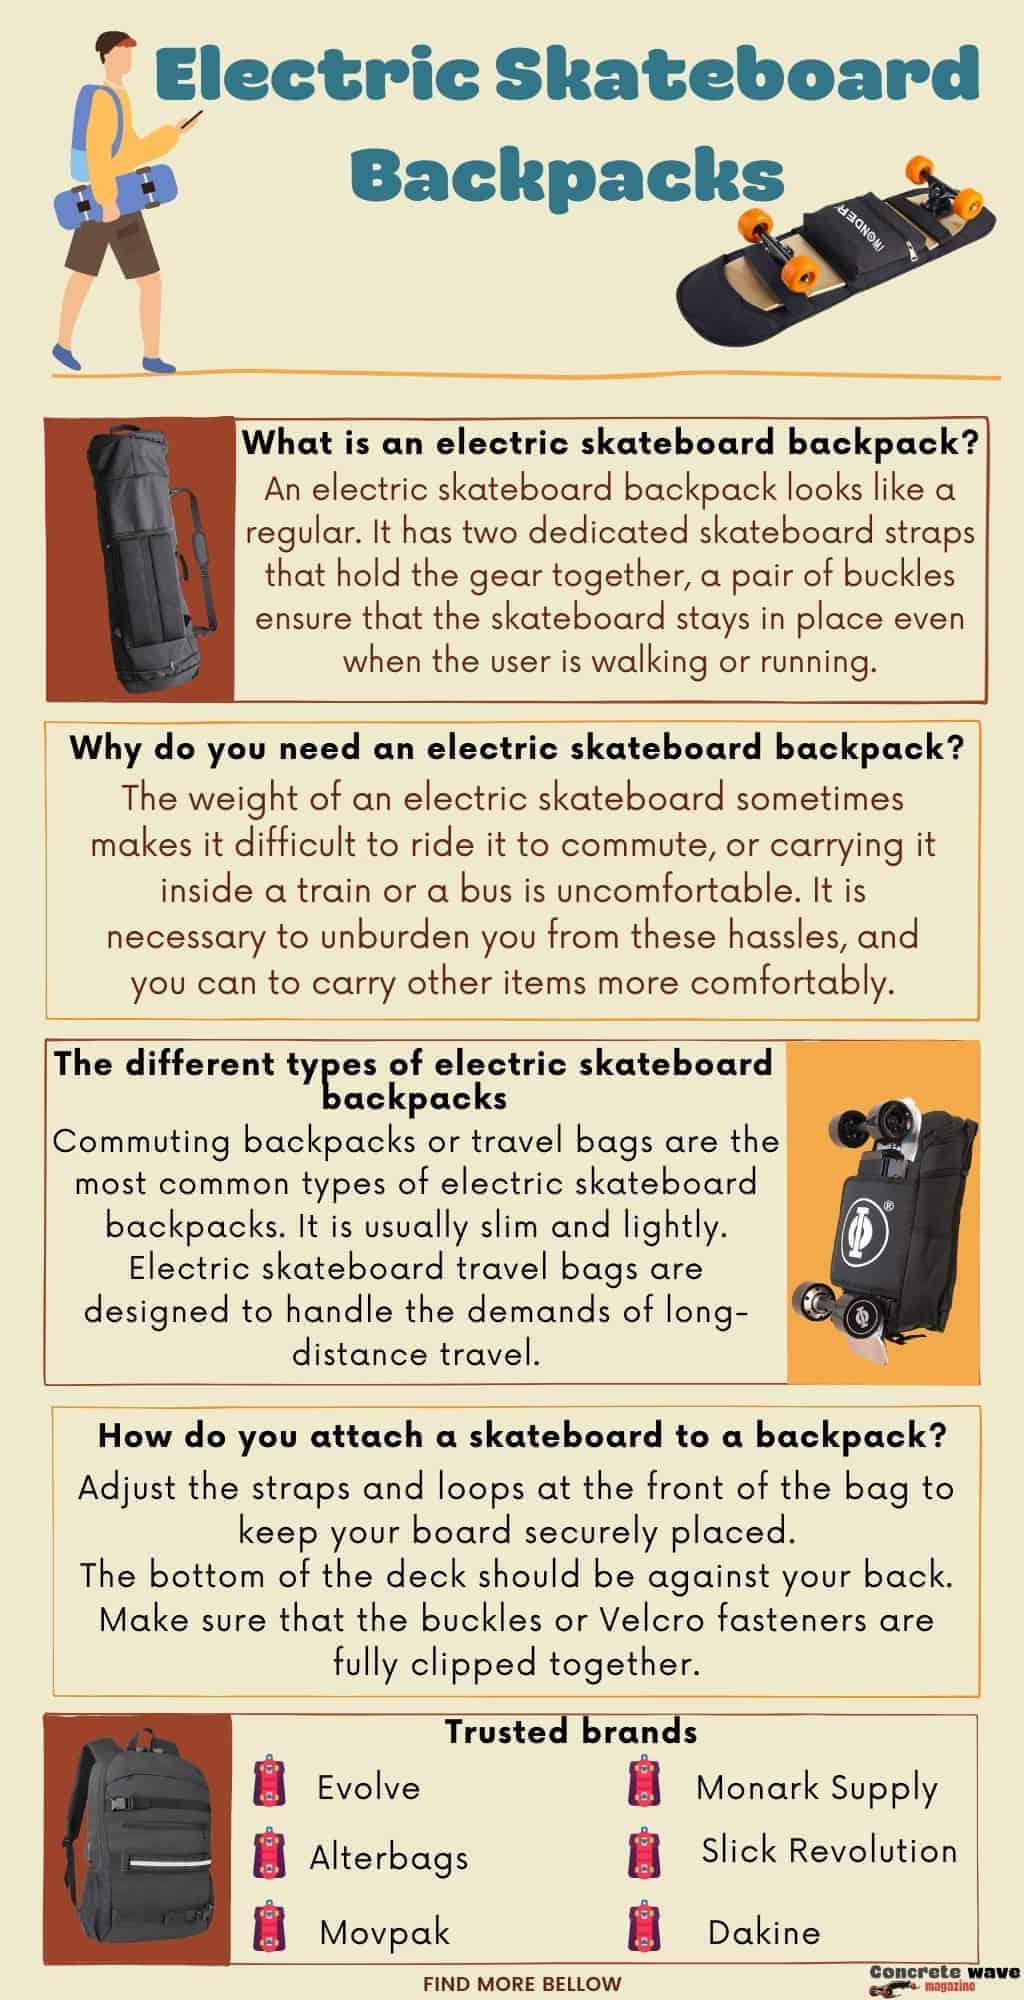 backpacks-that-hold-skateboard